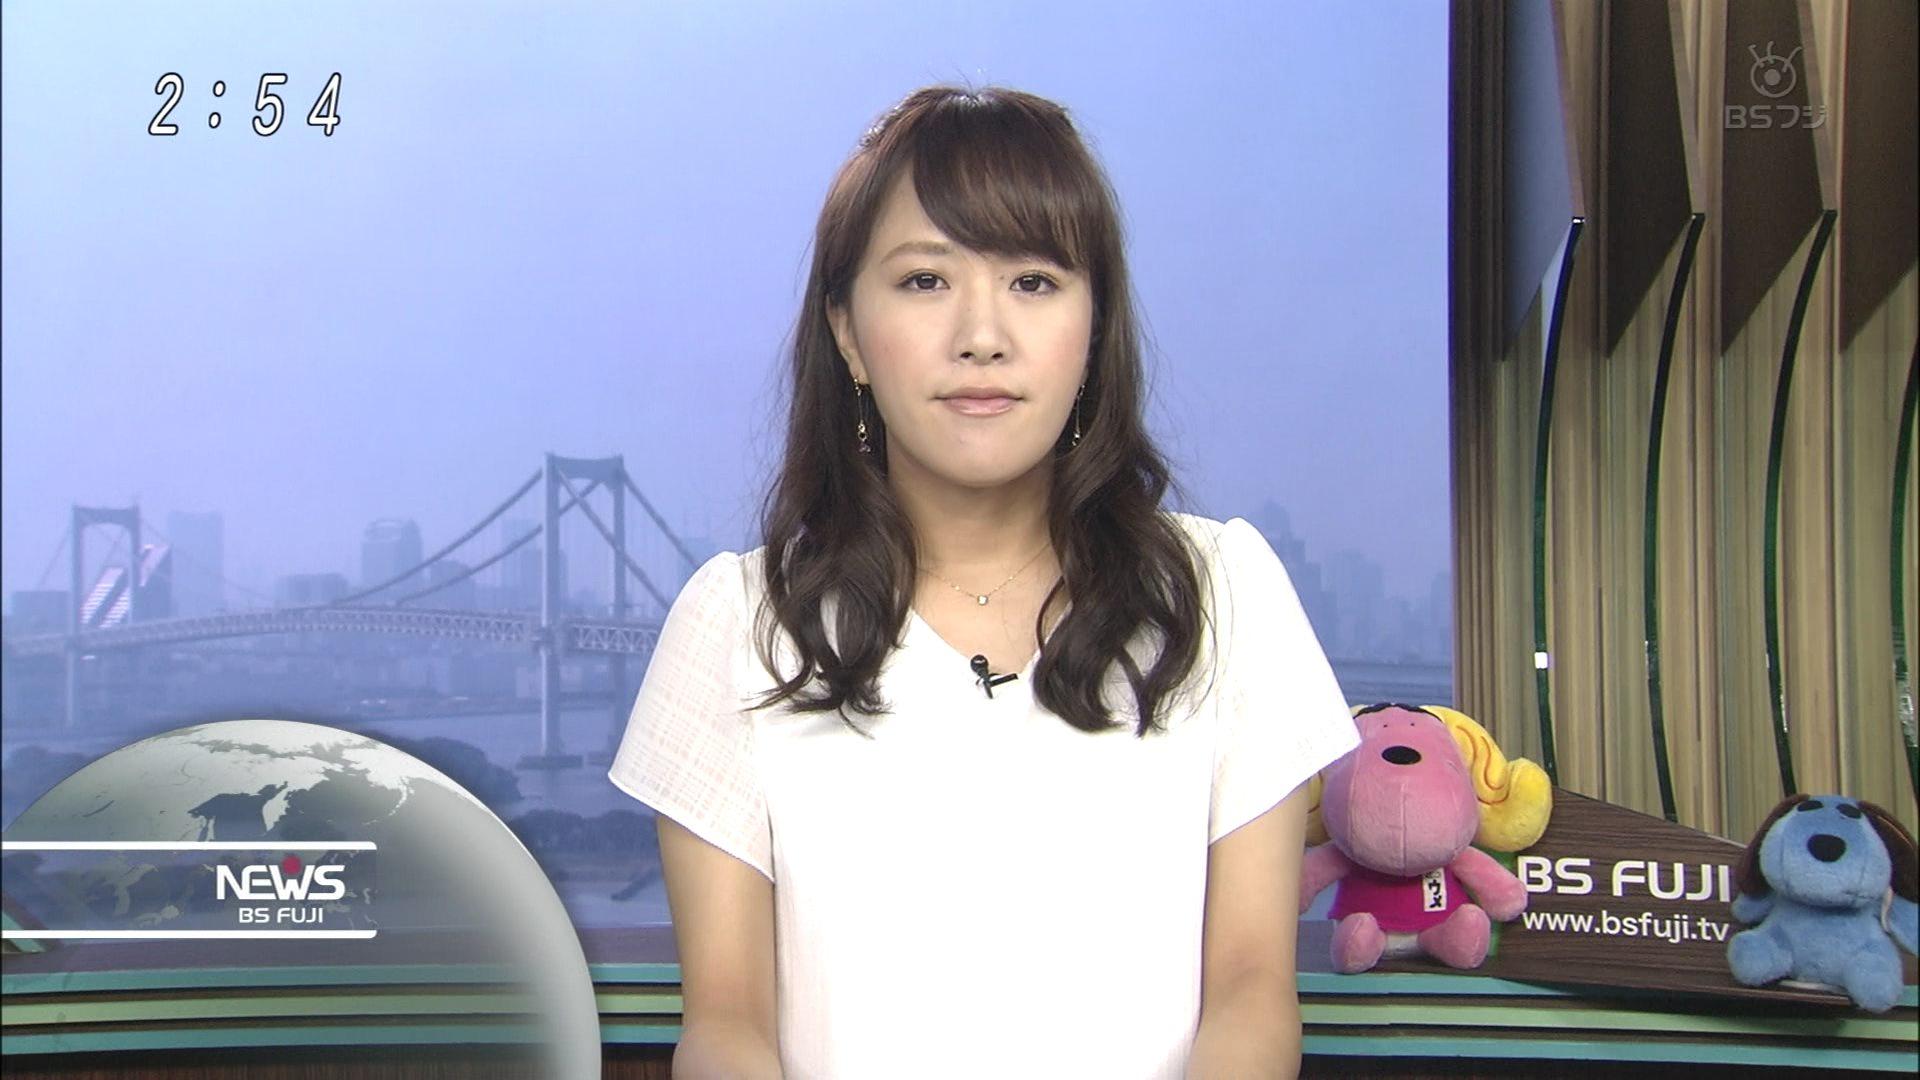 堤友香 BSフジニュースb 0003